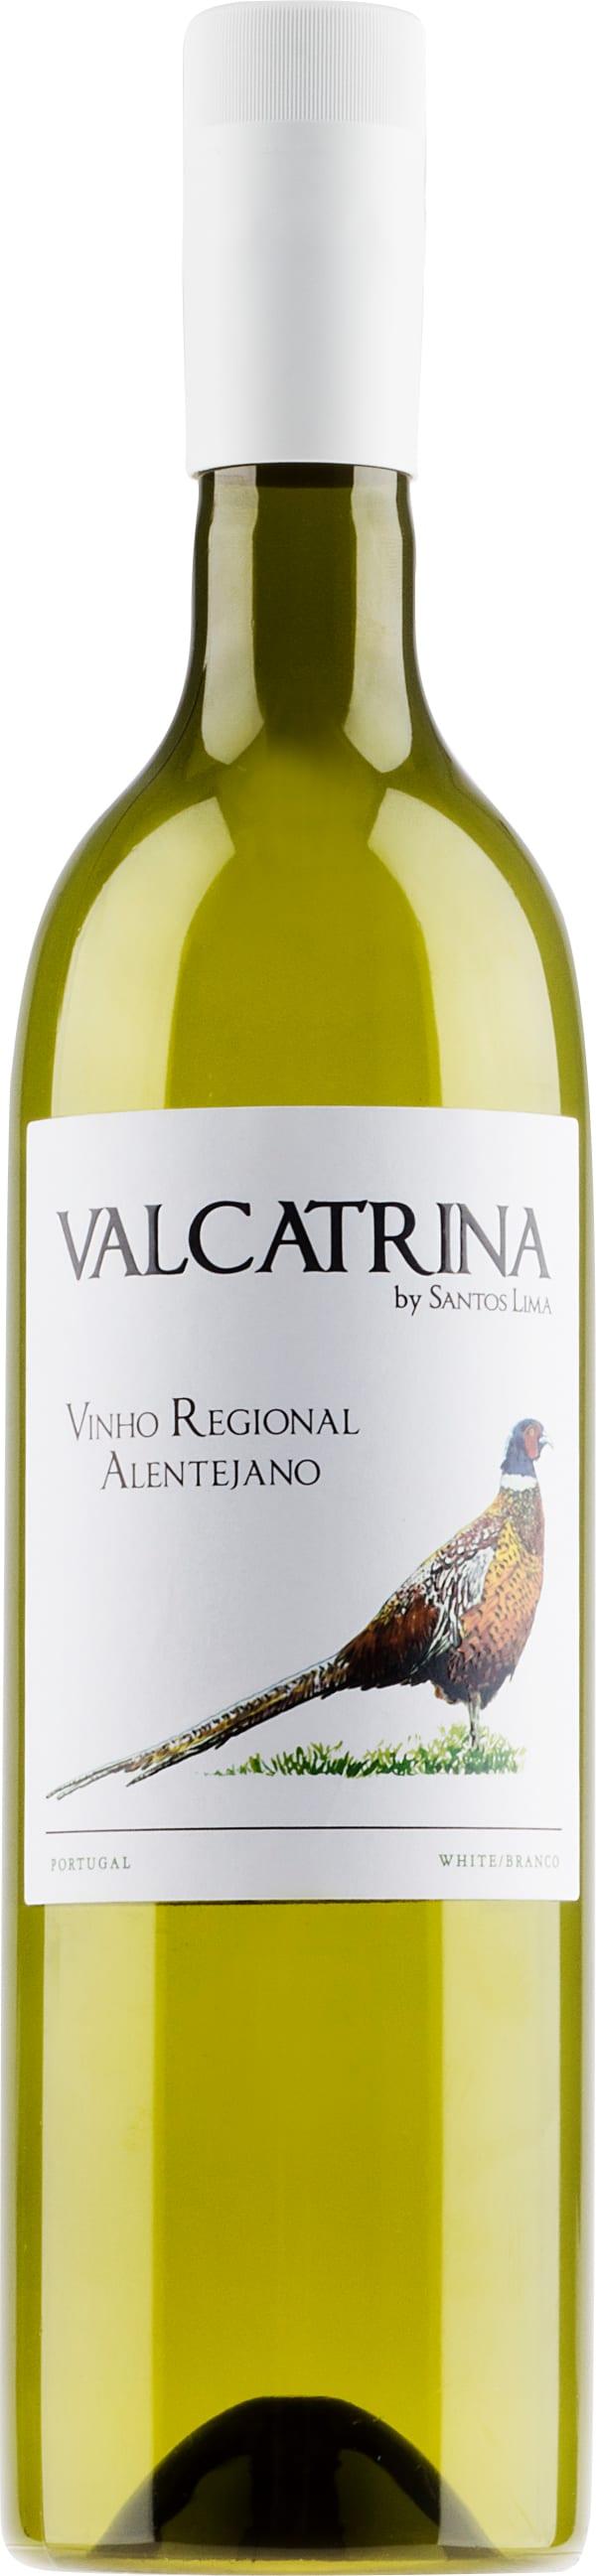 Valcatrina Branco 2020 plastic bottle